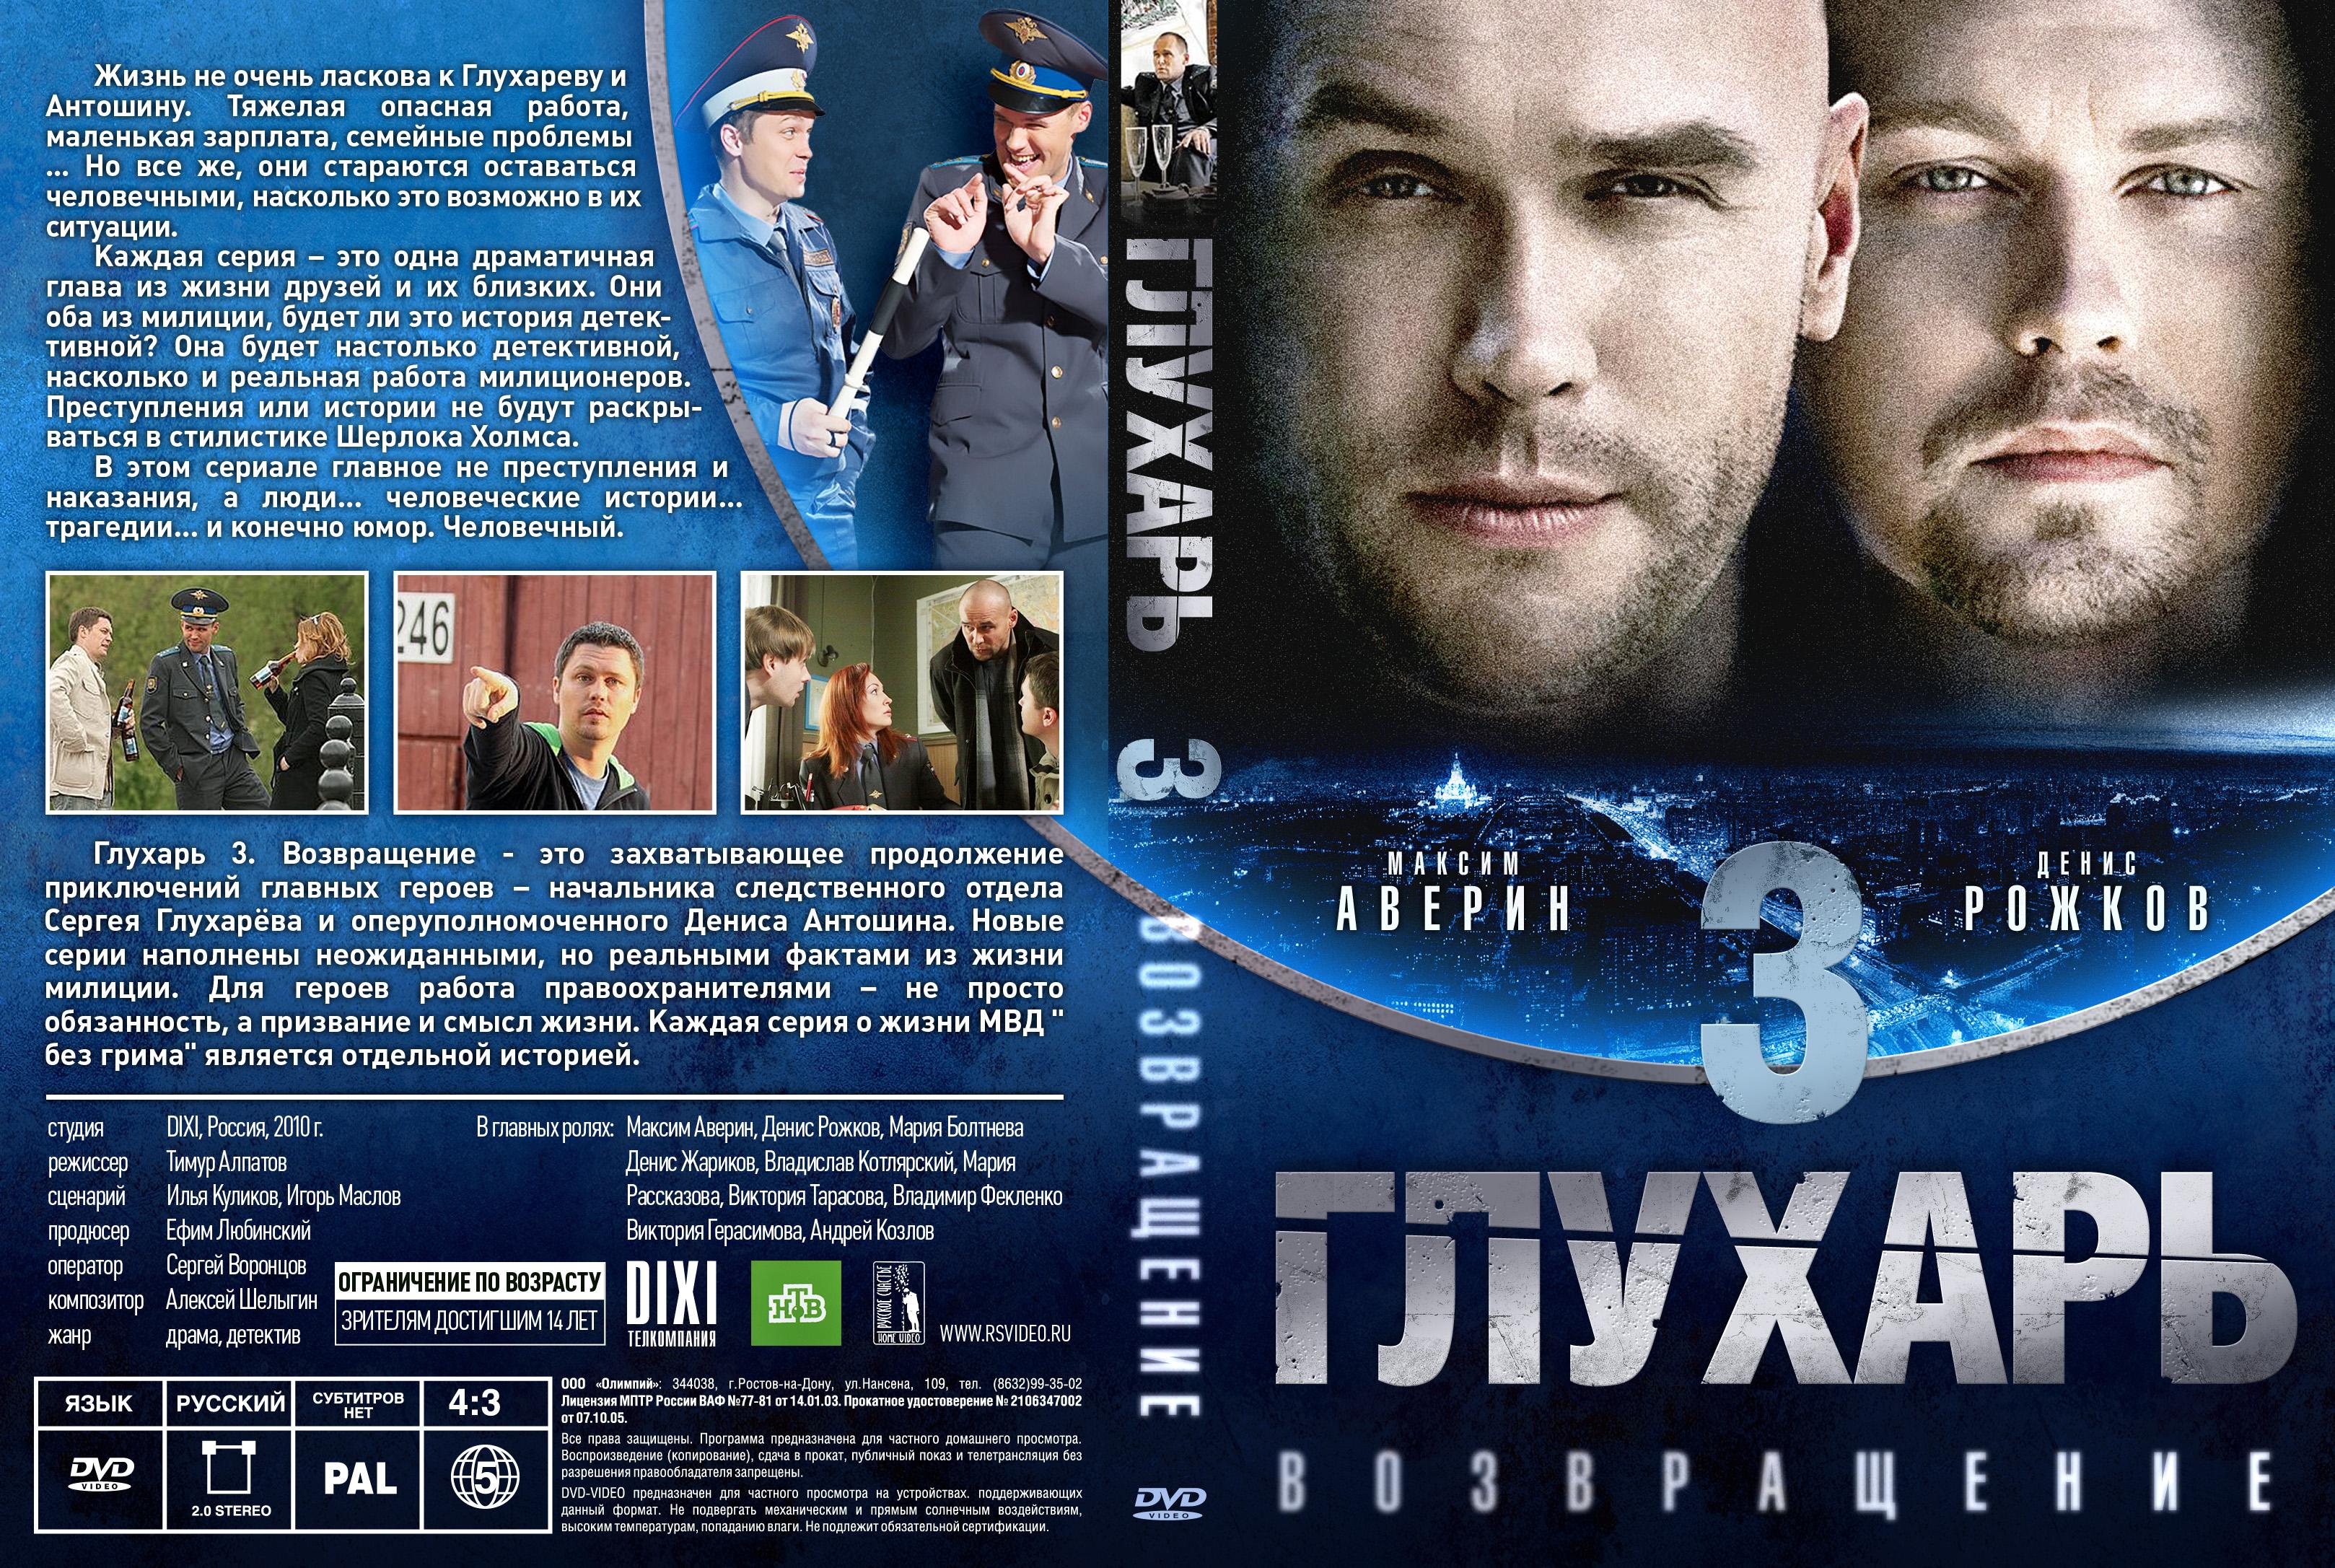 Глухарь [3 сезон] (2010-2011) dvdrip скачать торрент.